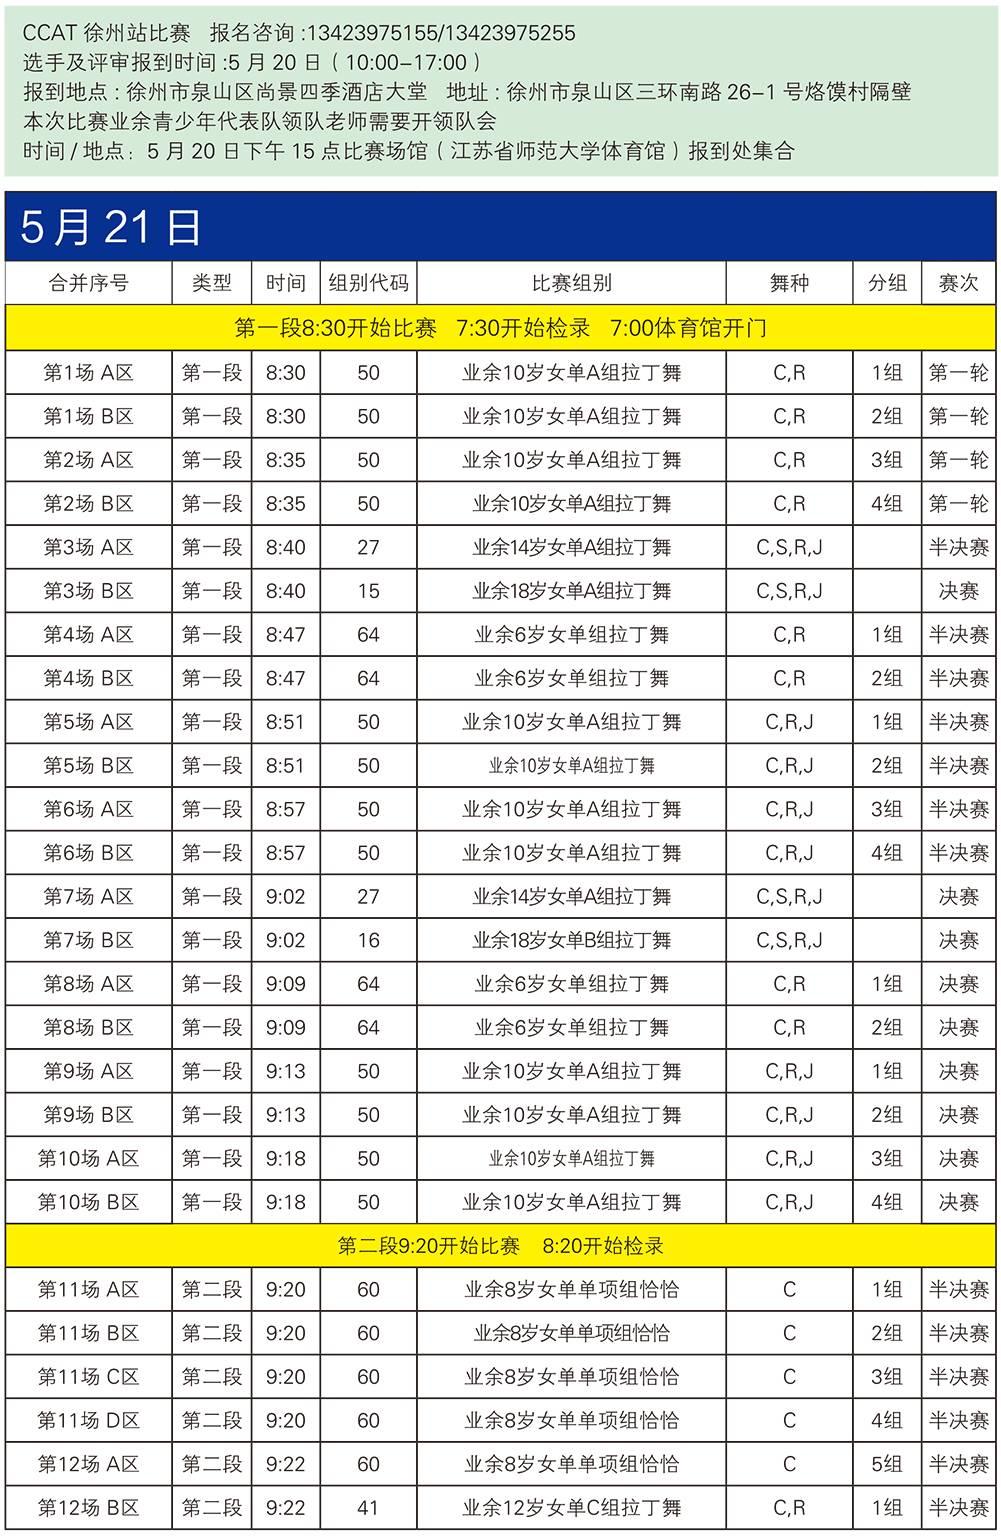 【赛程】2017CCAT国际标准舞全国城市联赛(徐州站)